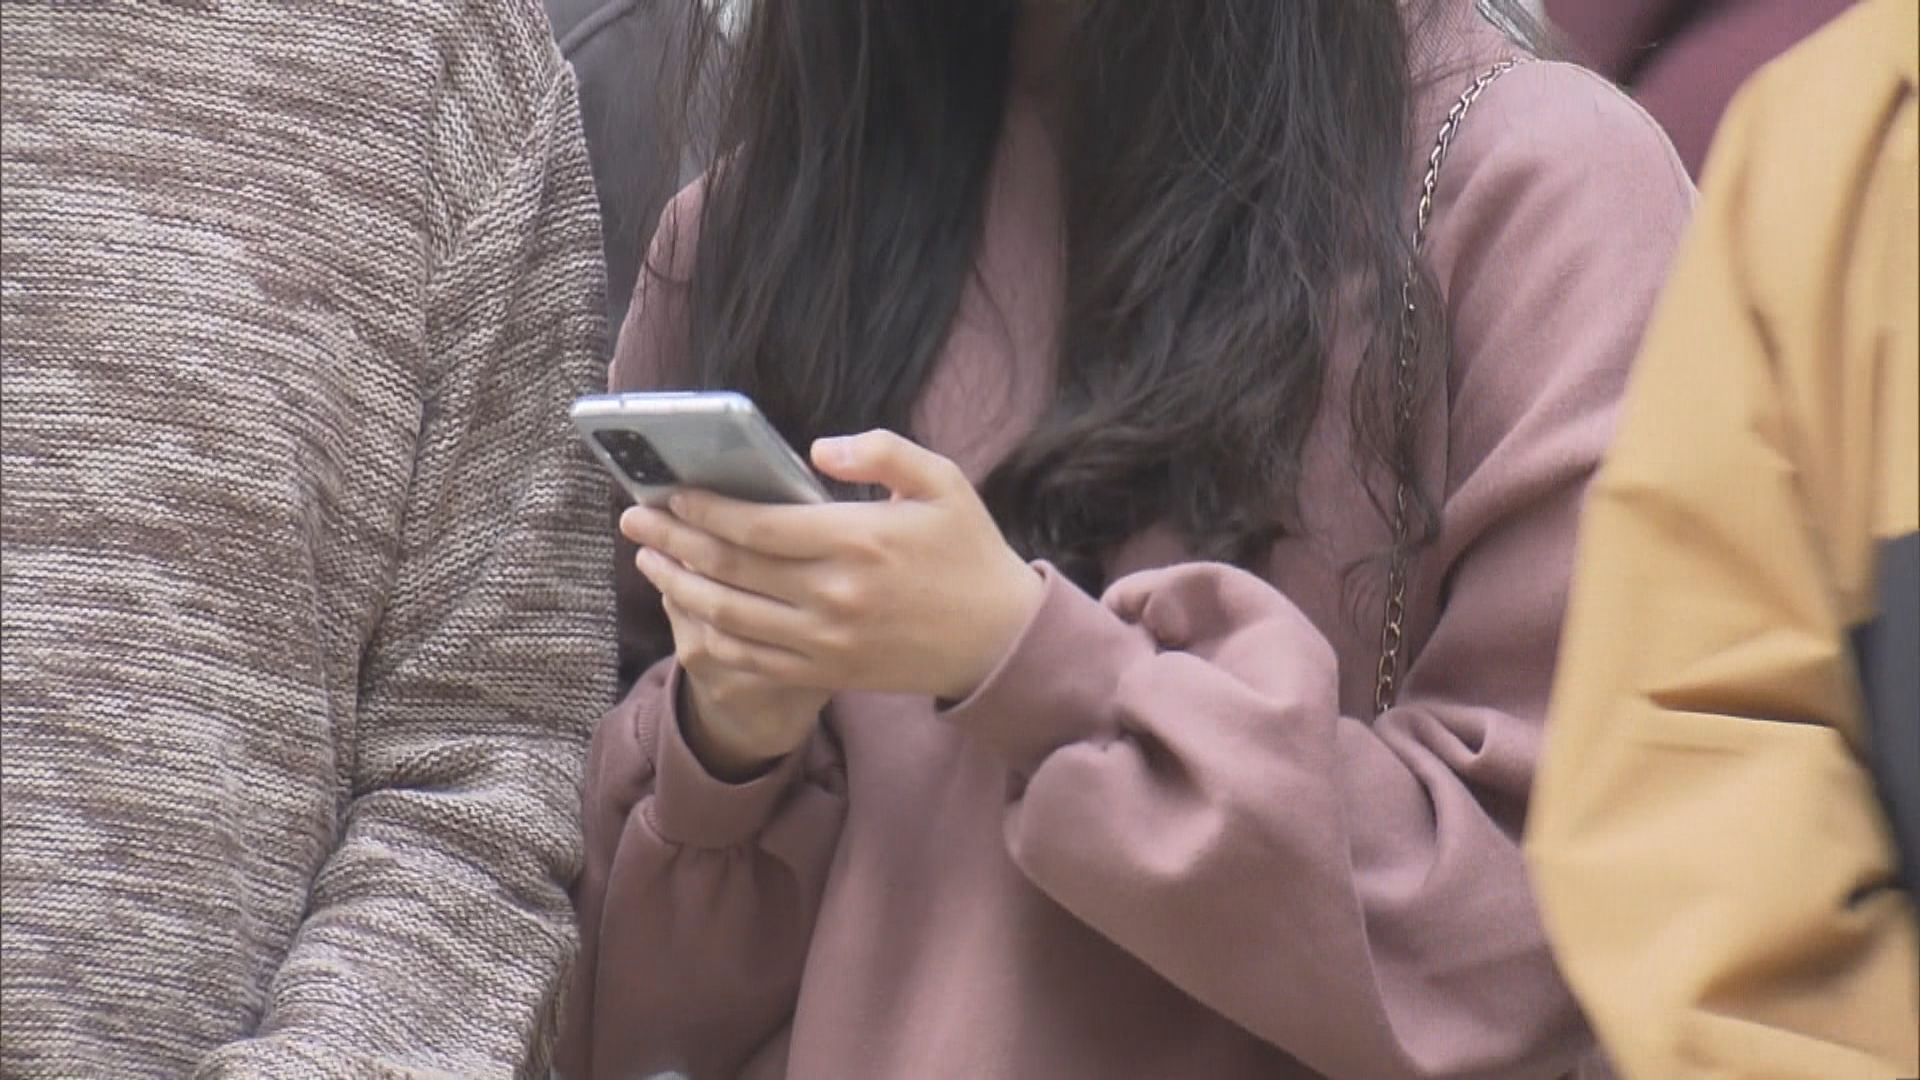 有市民擔心電話卡實名登記影響私隱 商戶憂影響生計